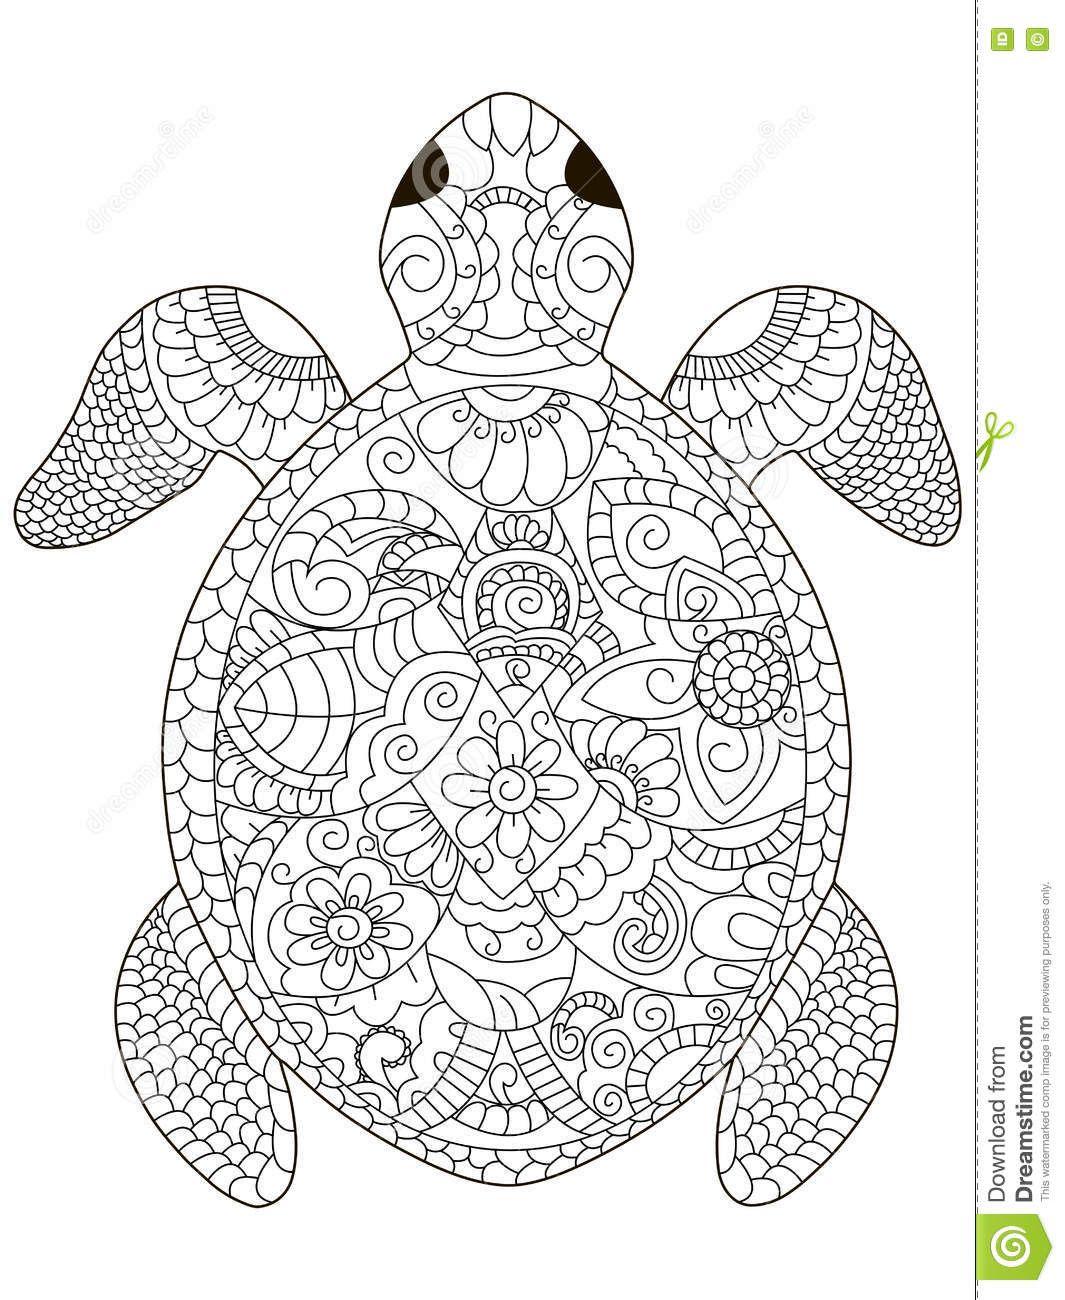 Épinglé sur turtle coloring page